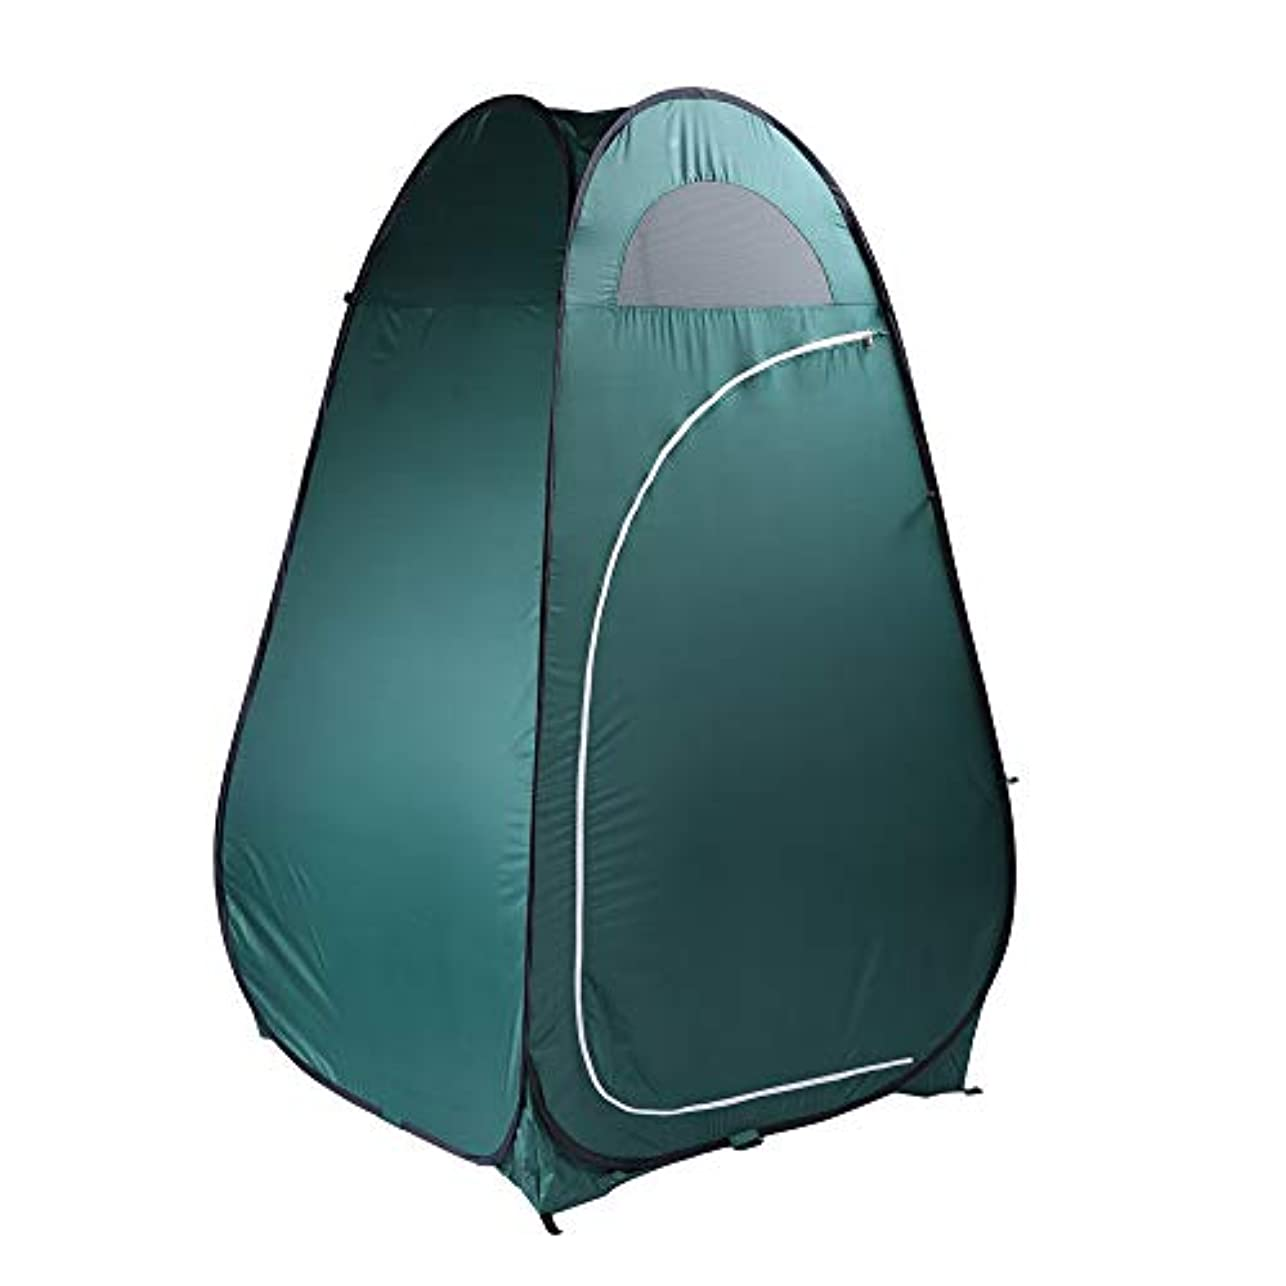 迷信提案する上昇Hom-dis ポータブル ポップアップ シャワーテント キャンプ ビーチ トイレテント 着替え 部屋 アウトドア バックパック シェルター